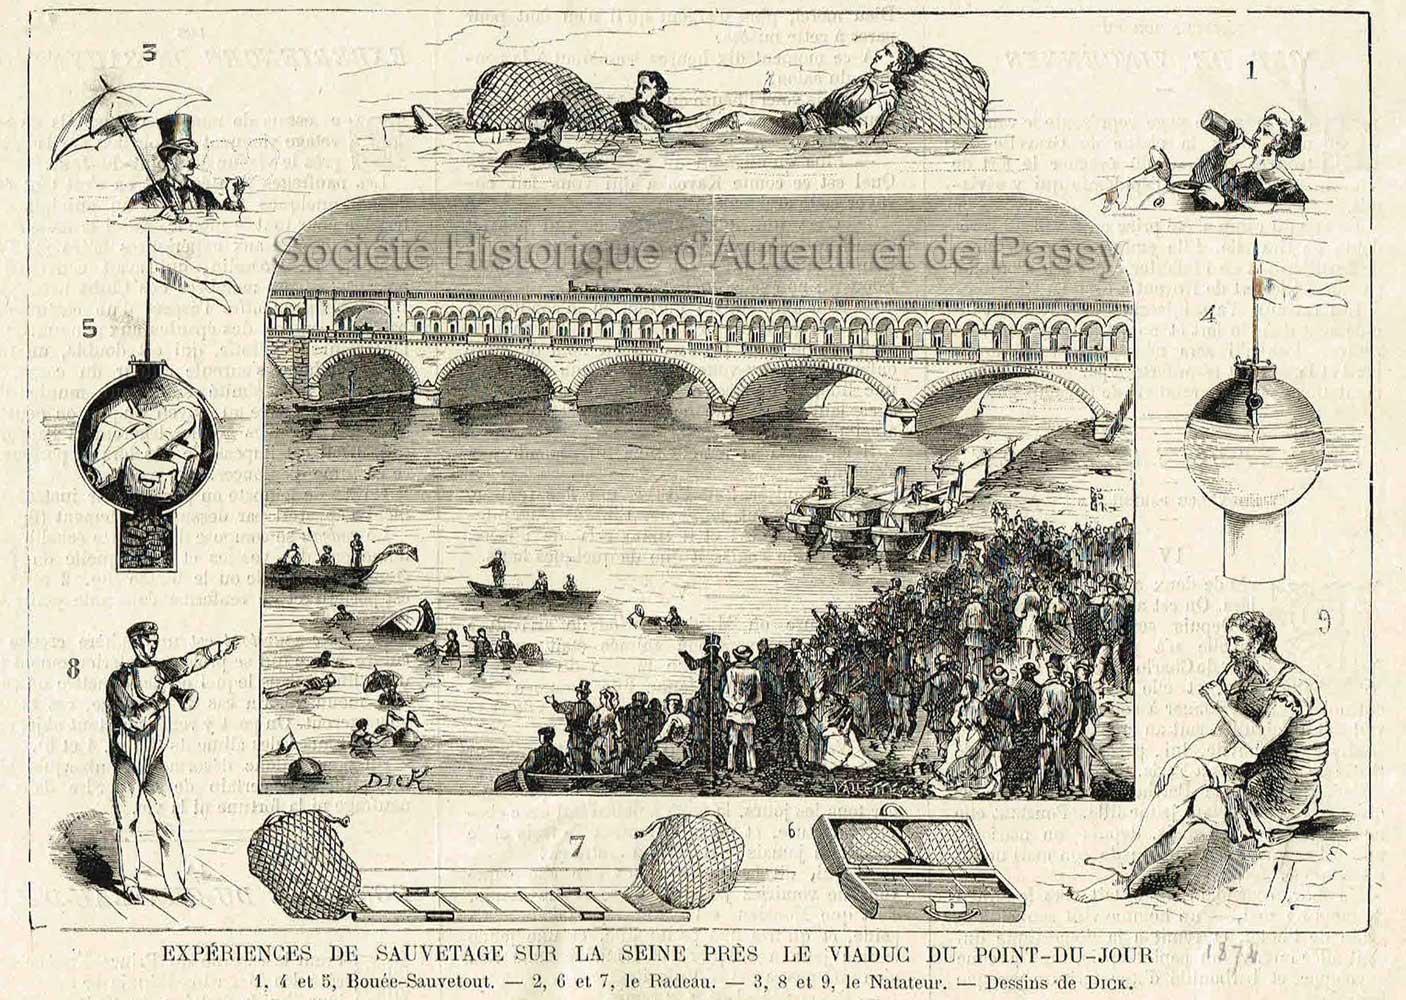 Expériences de sauvetage sur la Seine (1874).